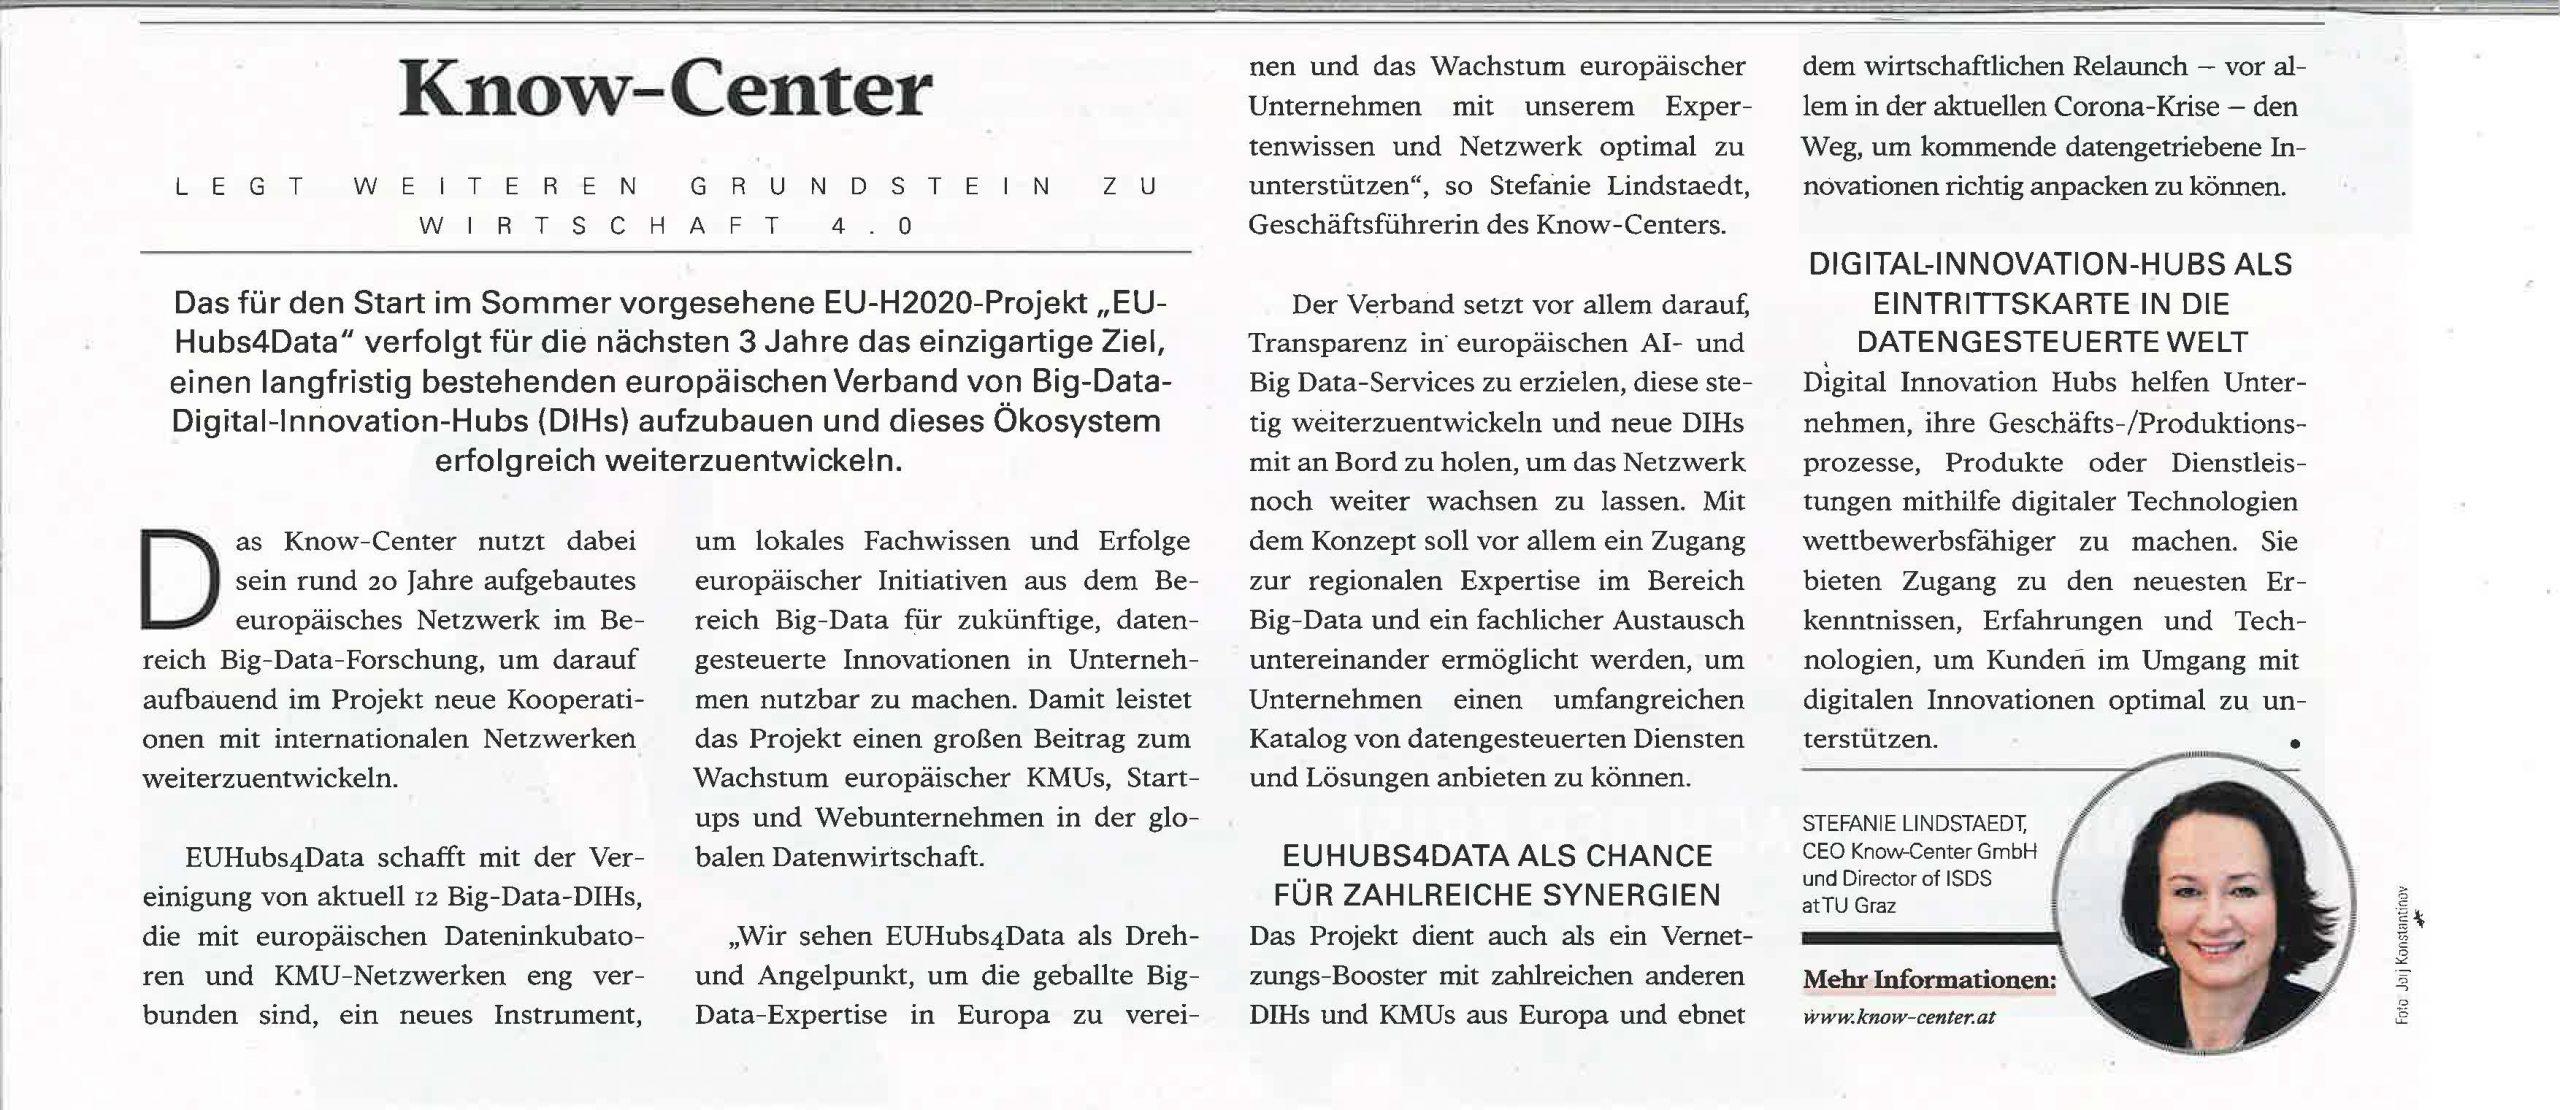 2020-05-31_JUST Magazin_KnowCenter legt weiteren Grundstein zu Wirtschaft 4.0